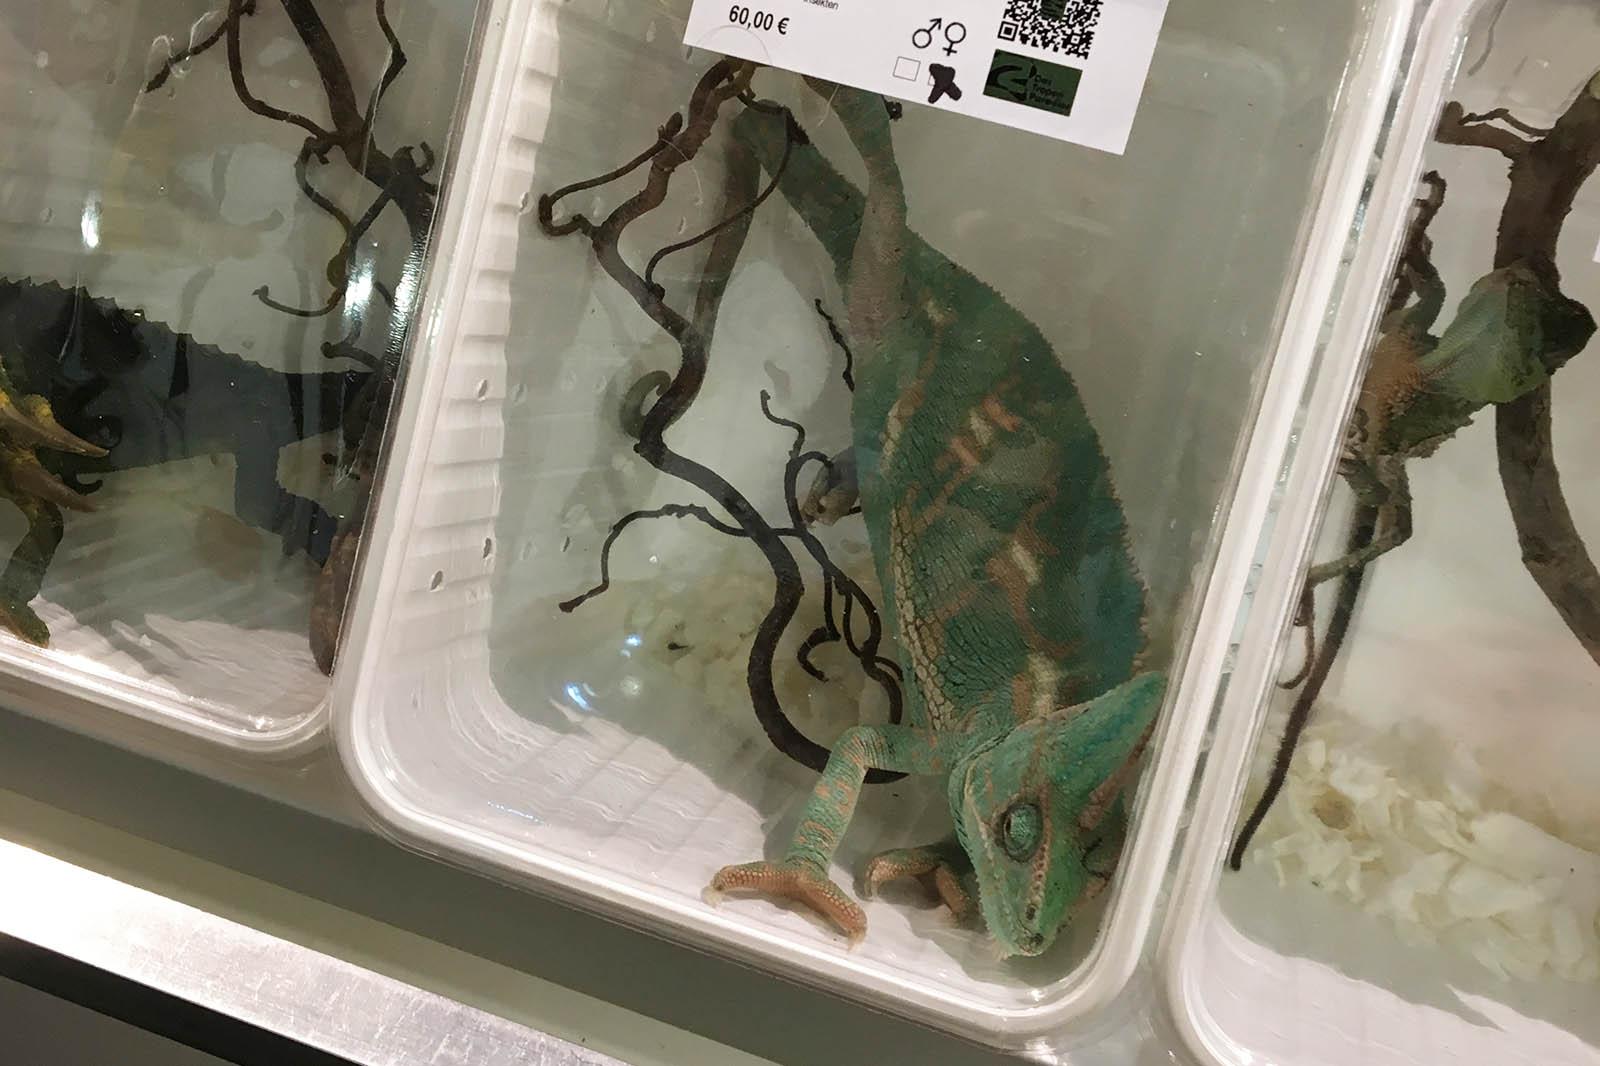 Reptilienbörsen – massive Tierquälerei und Ausverkauf der Natur